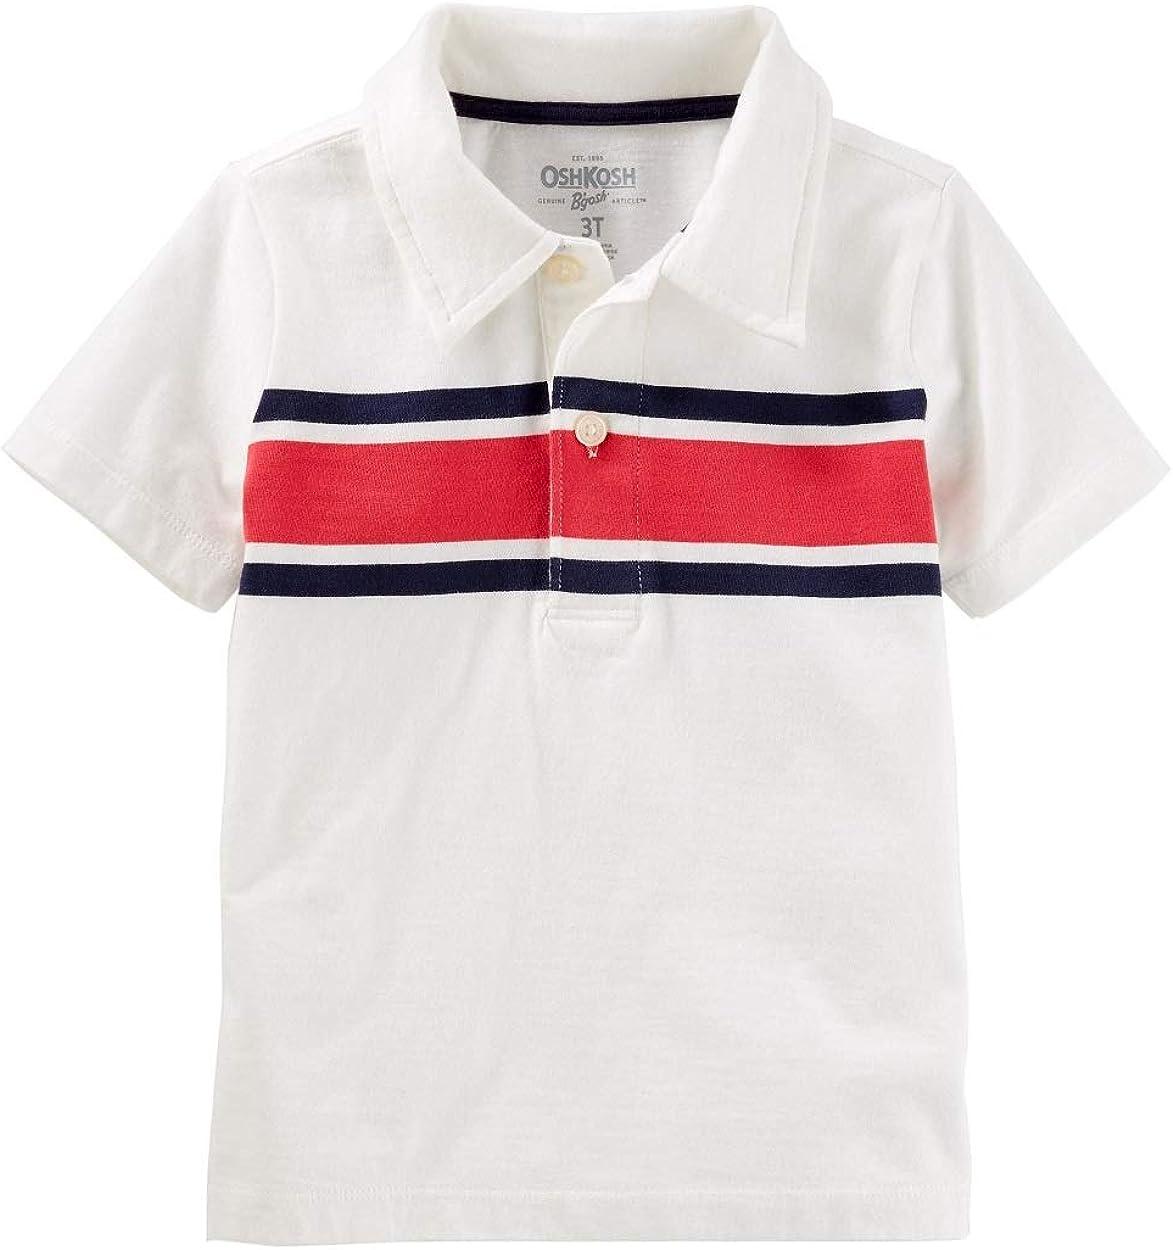 OshKosh BGosh Boys Toddler Striped Jersey Polo